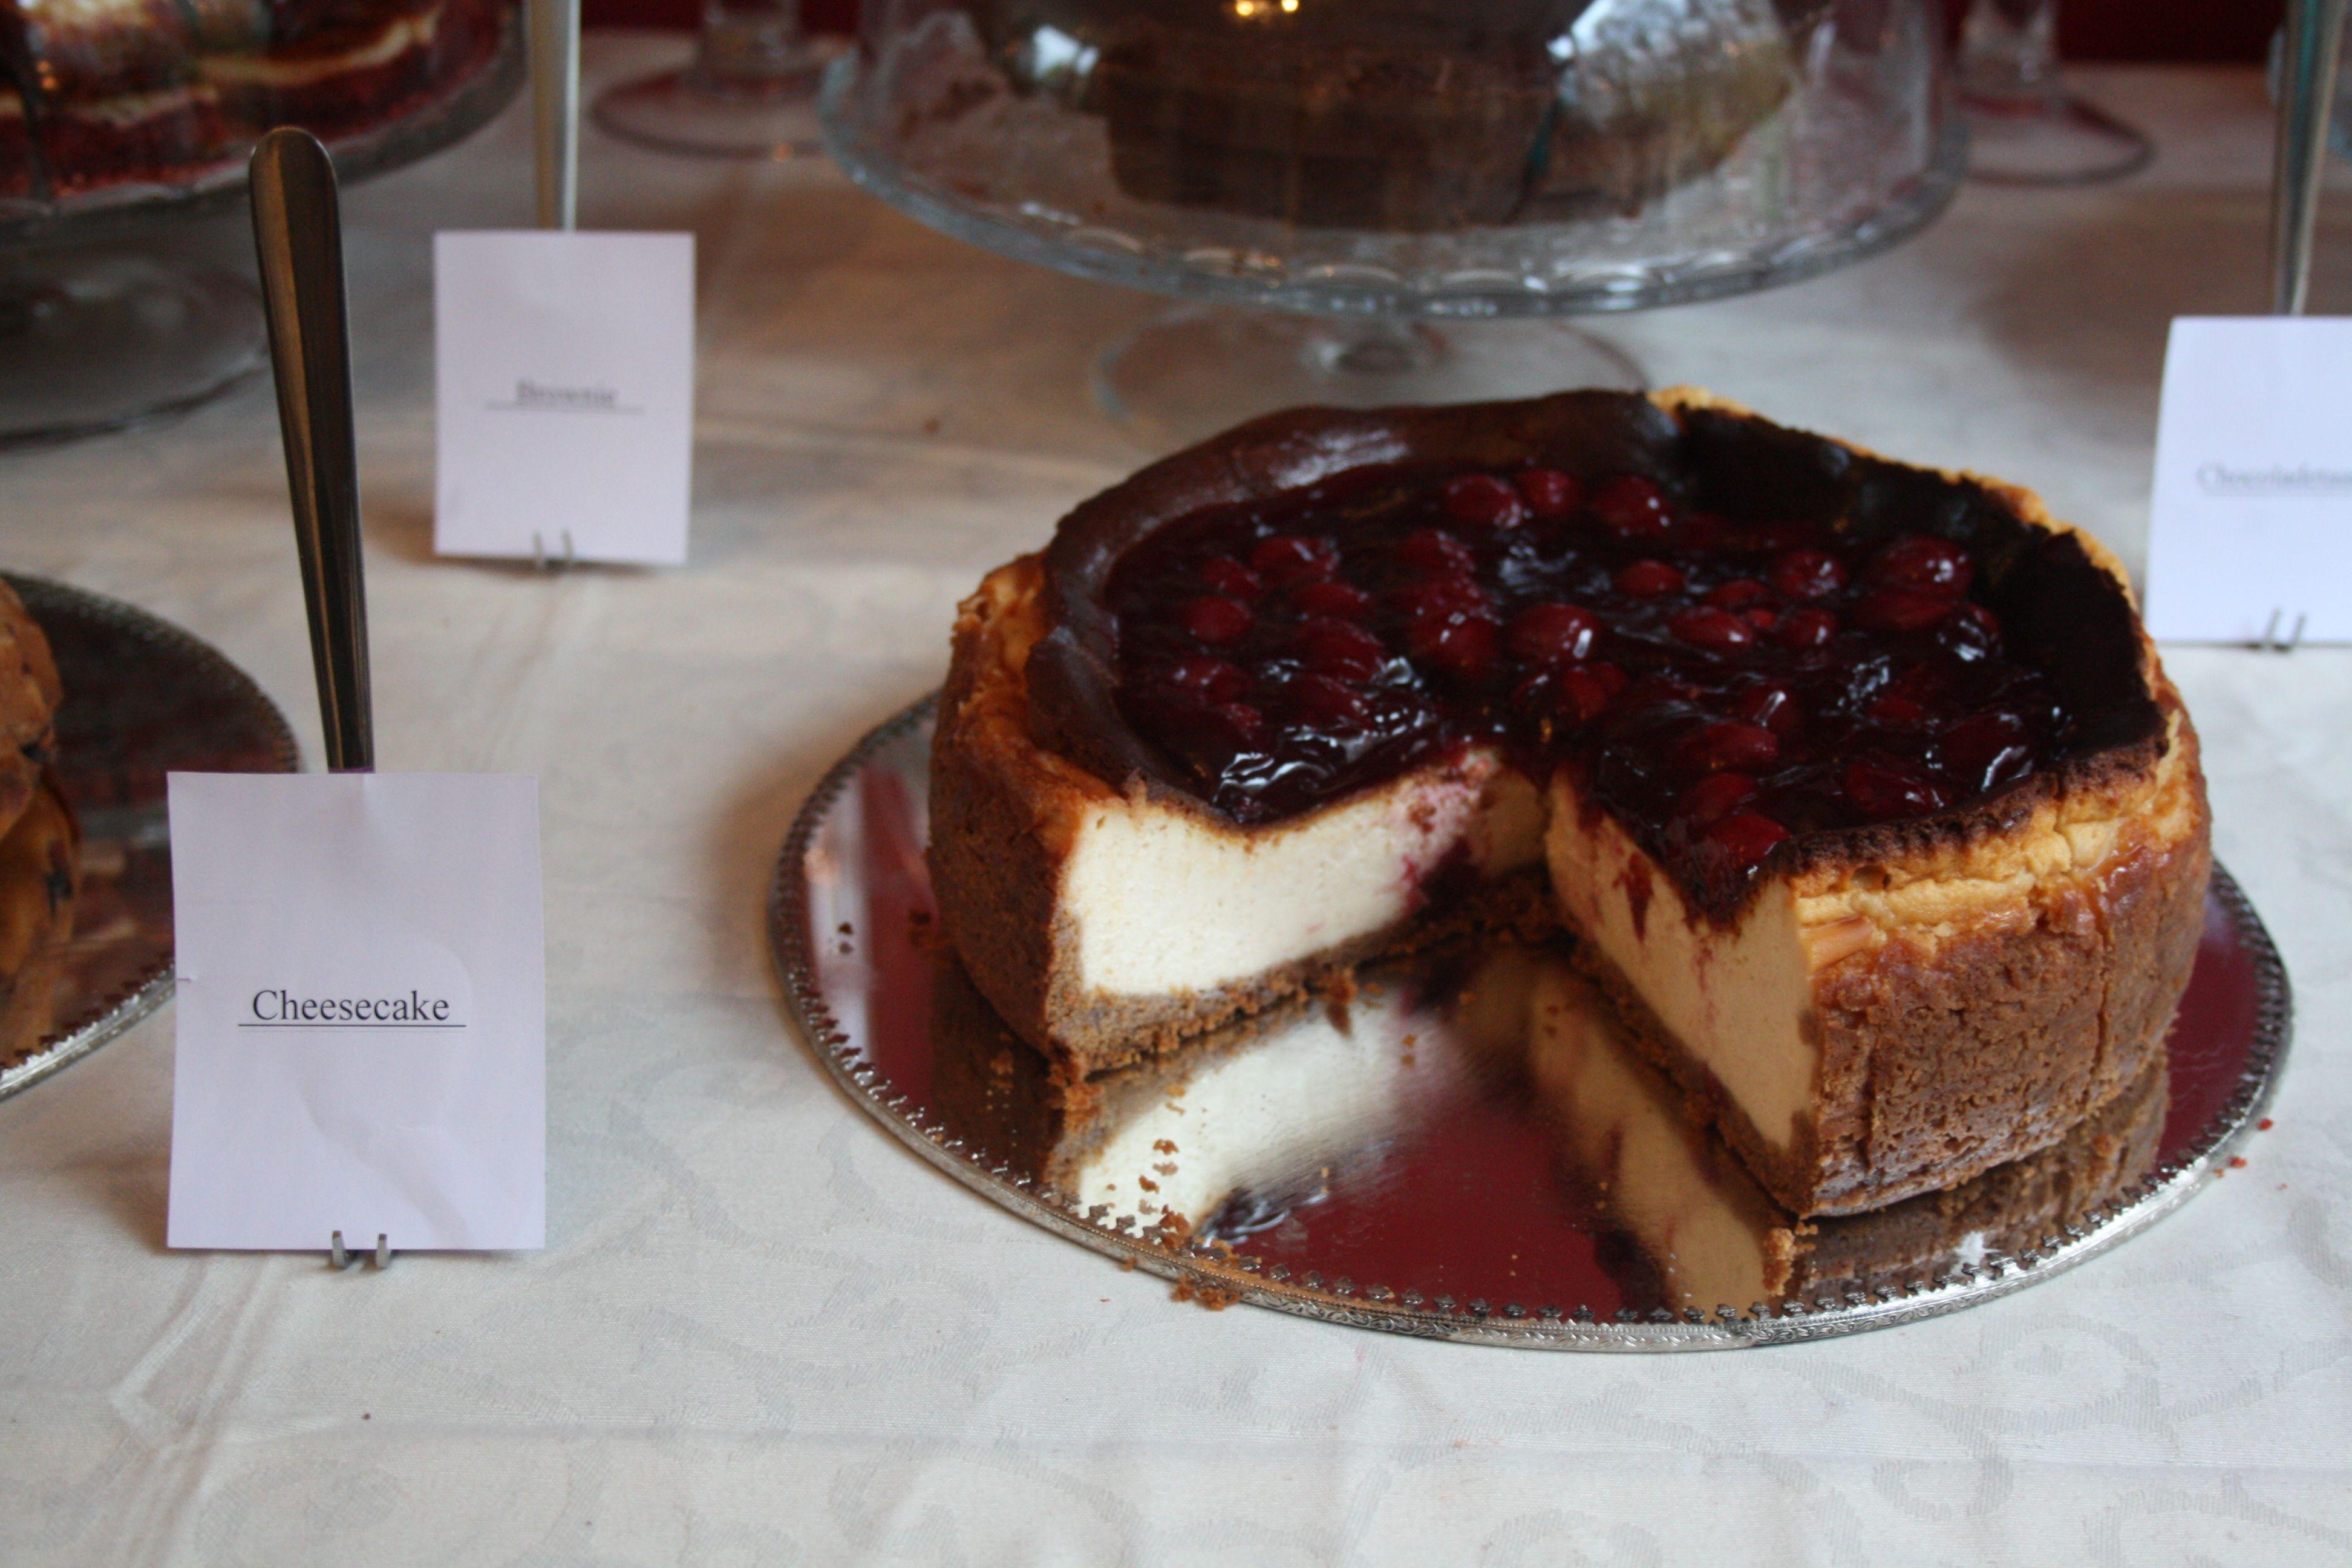 De New York Cheesecake met kersen.